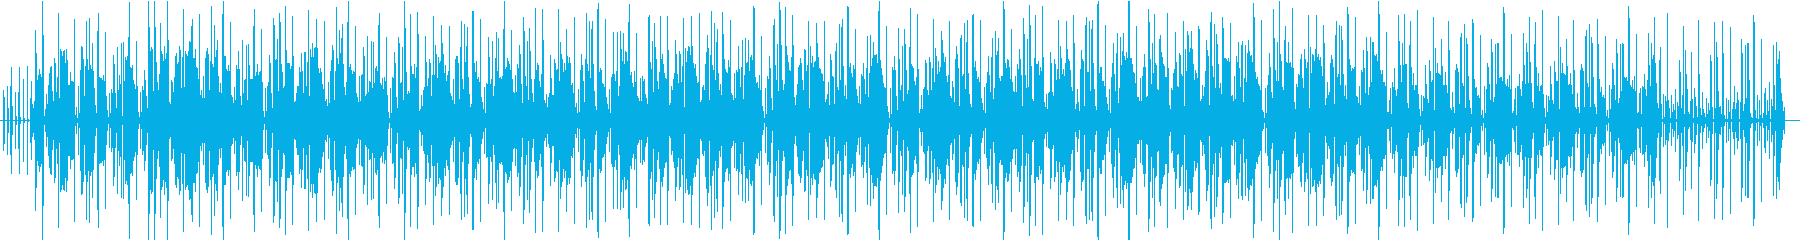 おしゃれでゆったりなギターが特徴のBGMの再生済みの波形